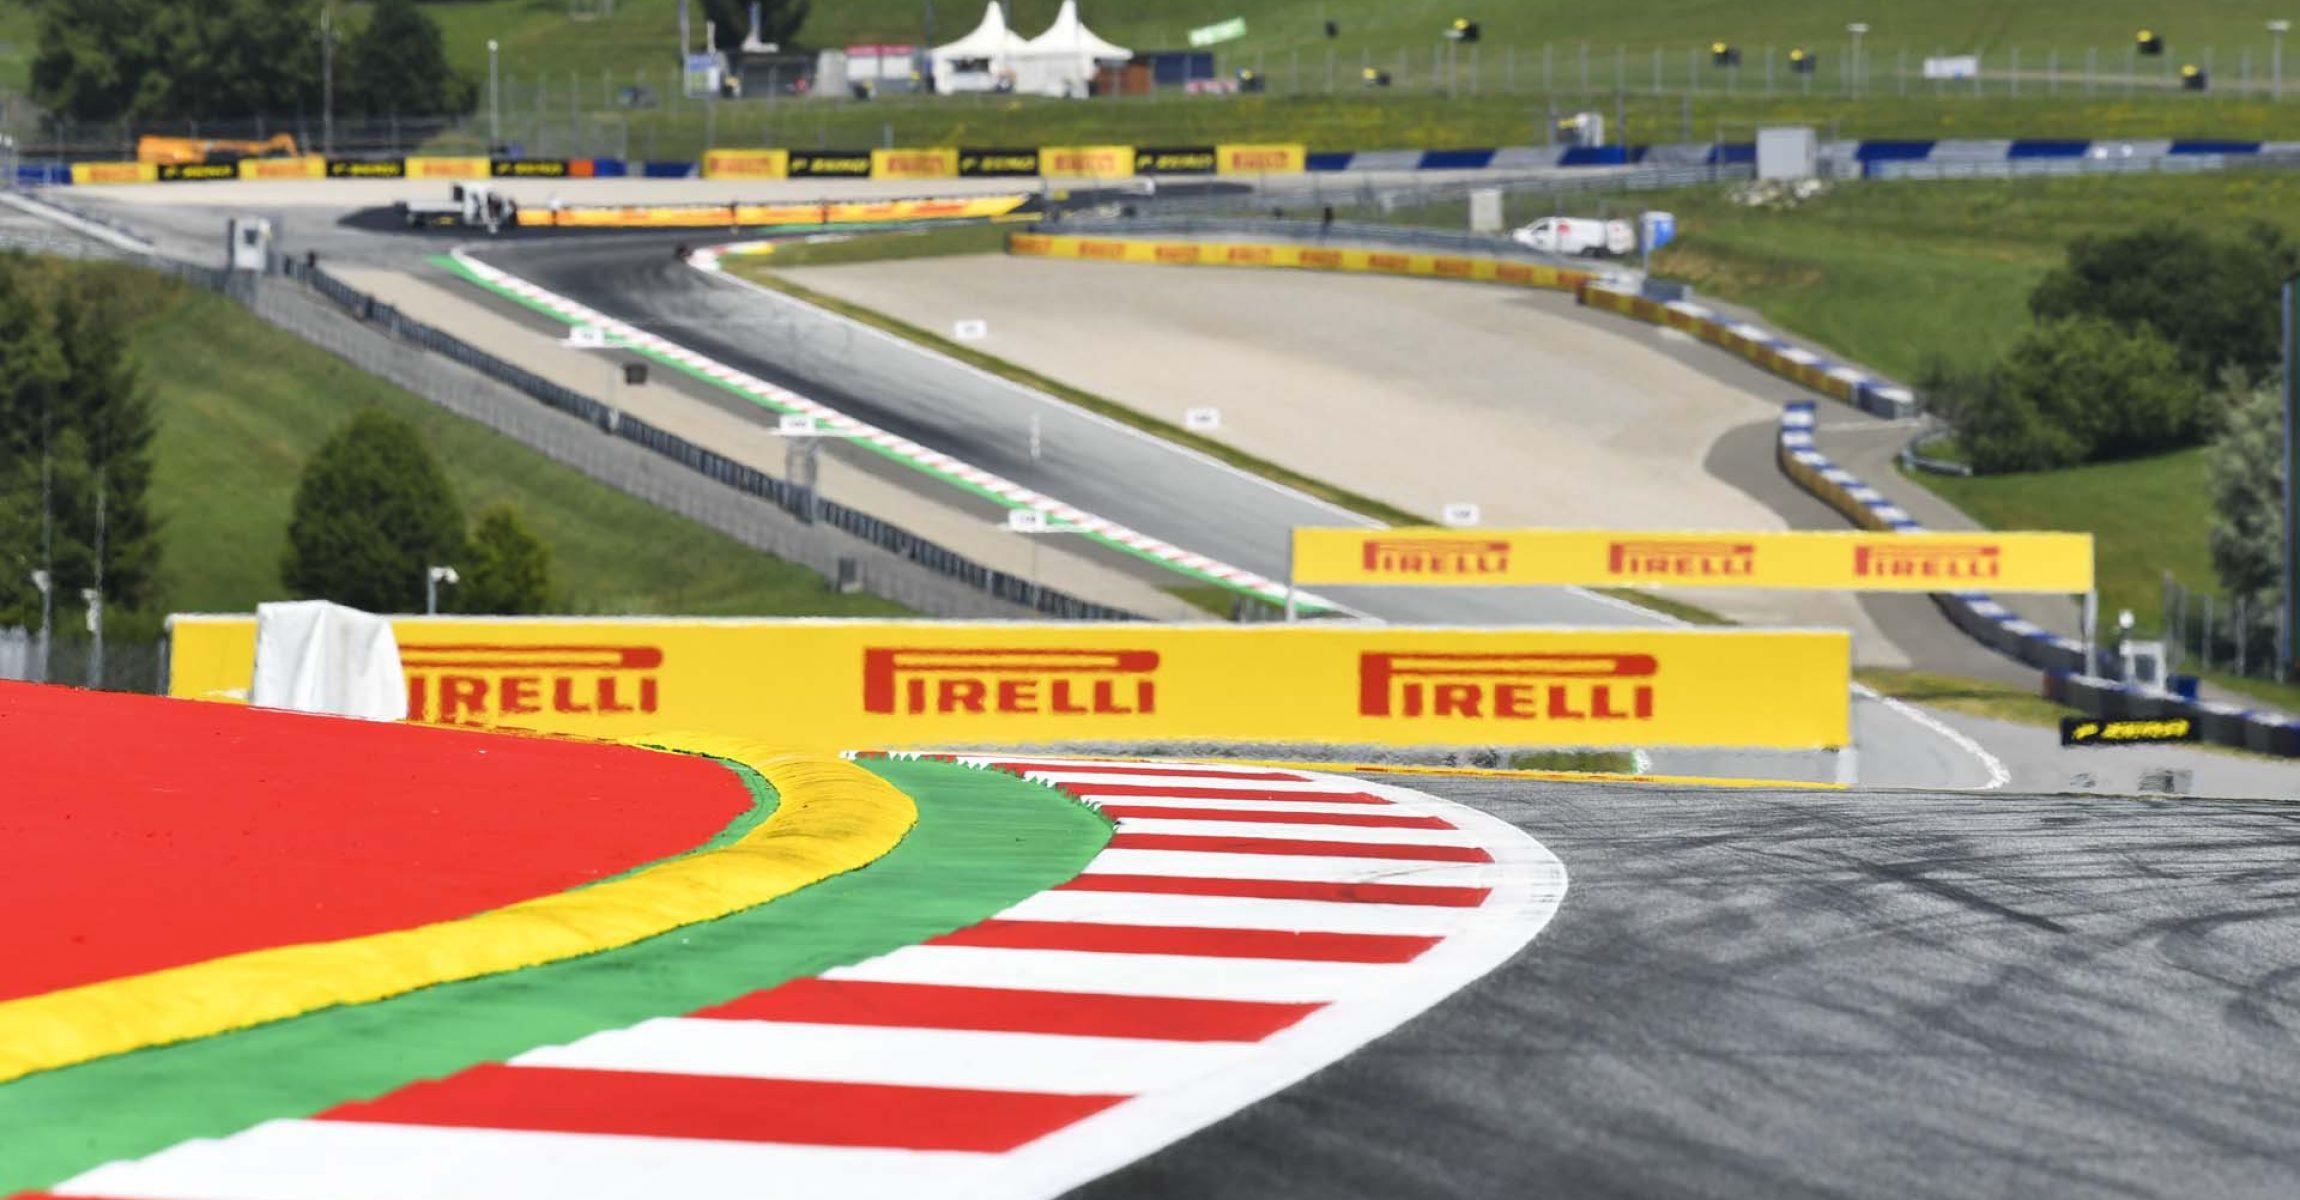 F1, Red Bull Ring, Pirelli, kerbs